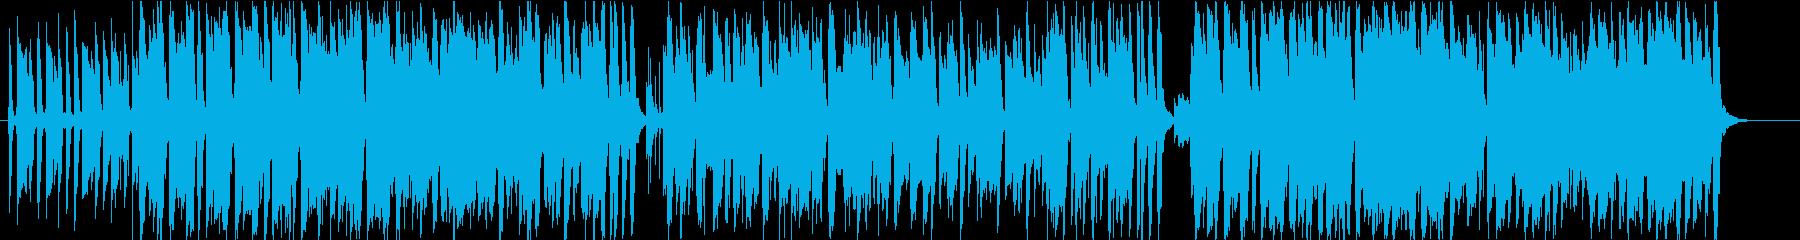 爽やかでおしゃれなボサノヴァ曲の再生済みの波形